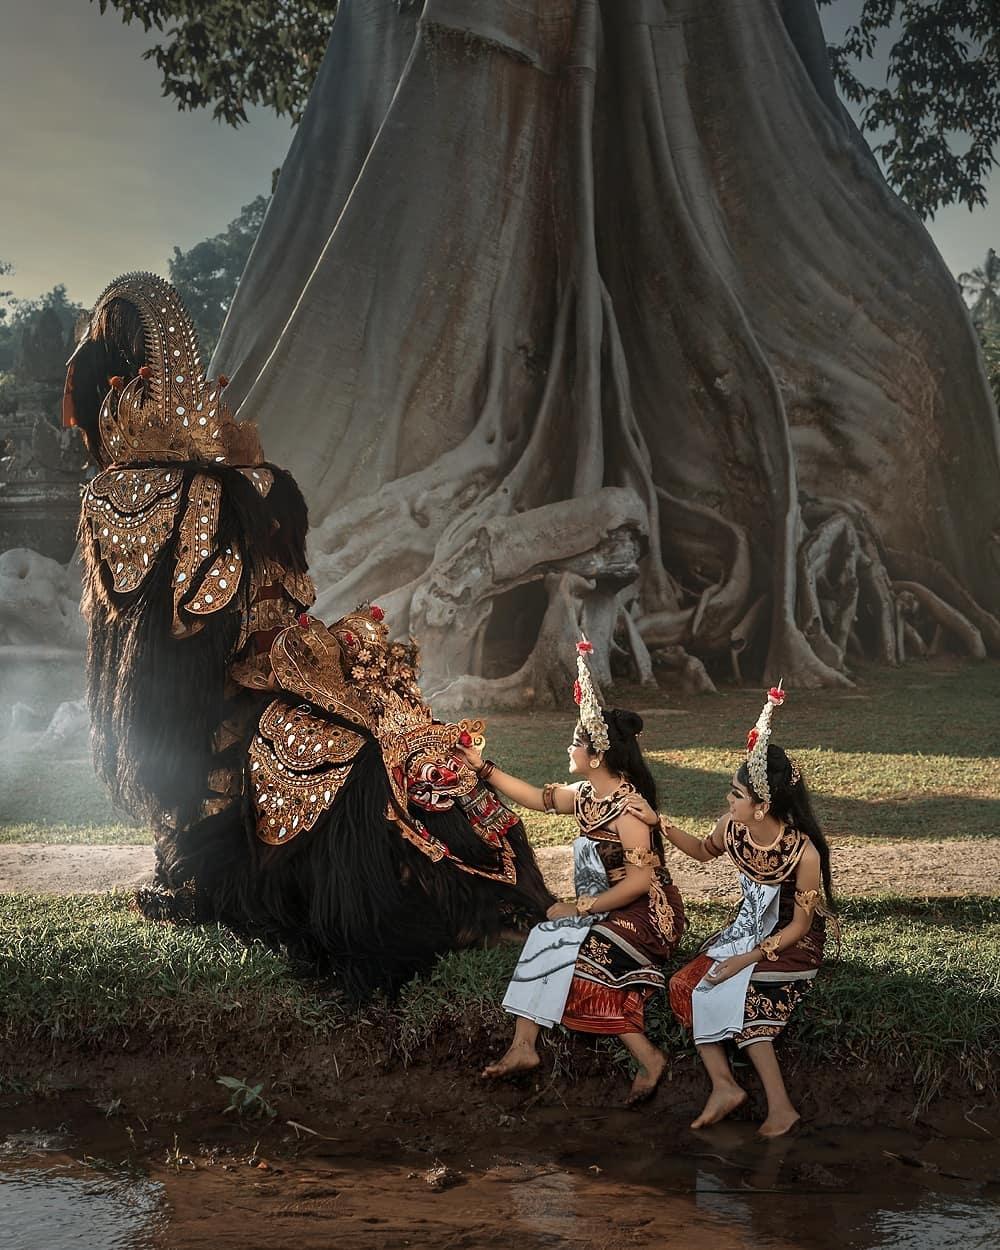 Мастер портретной фотографии Рариндра Пракарса - «Хорошее настроение»